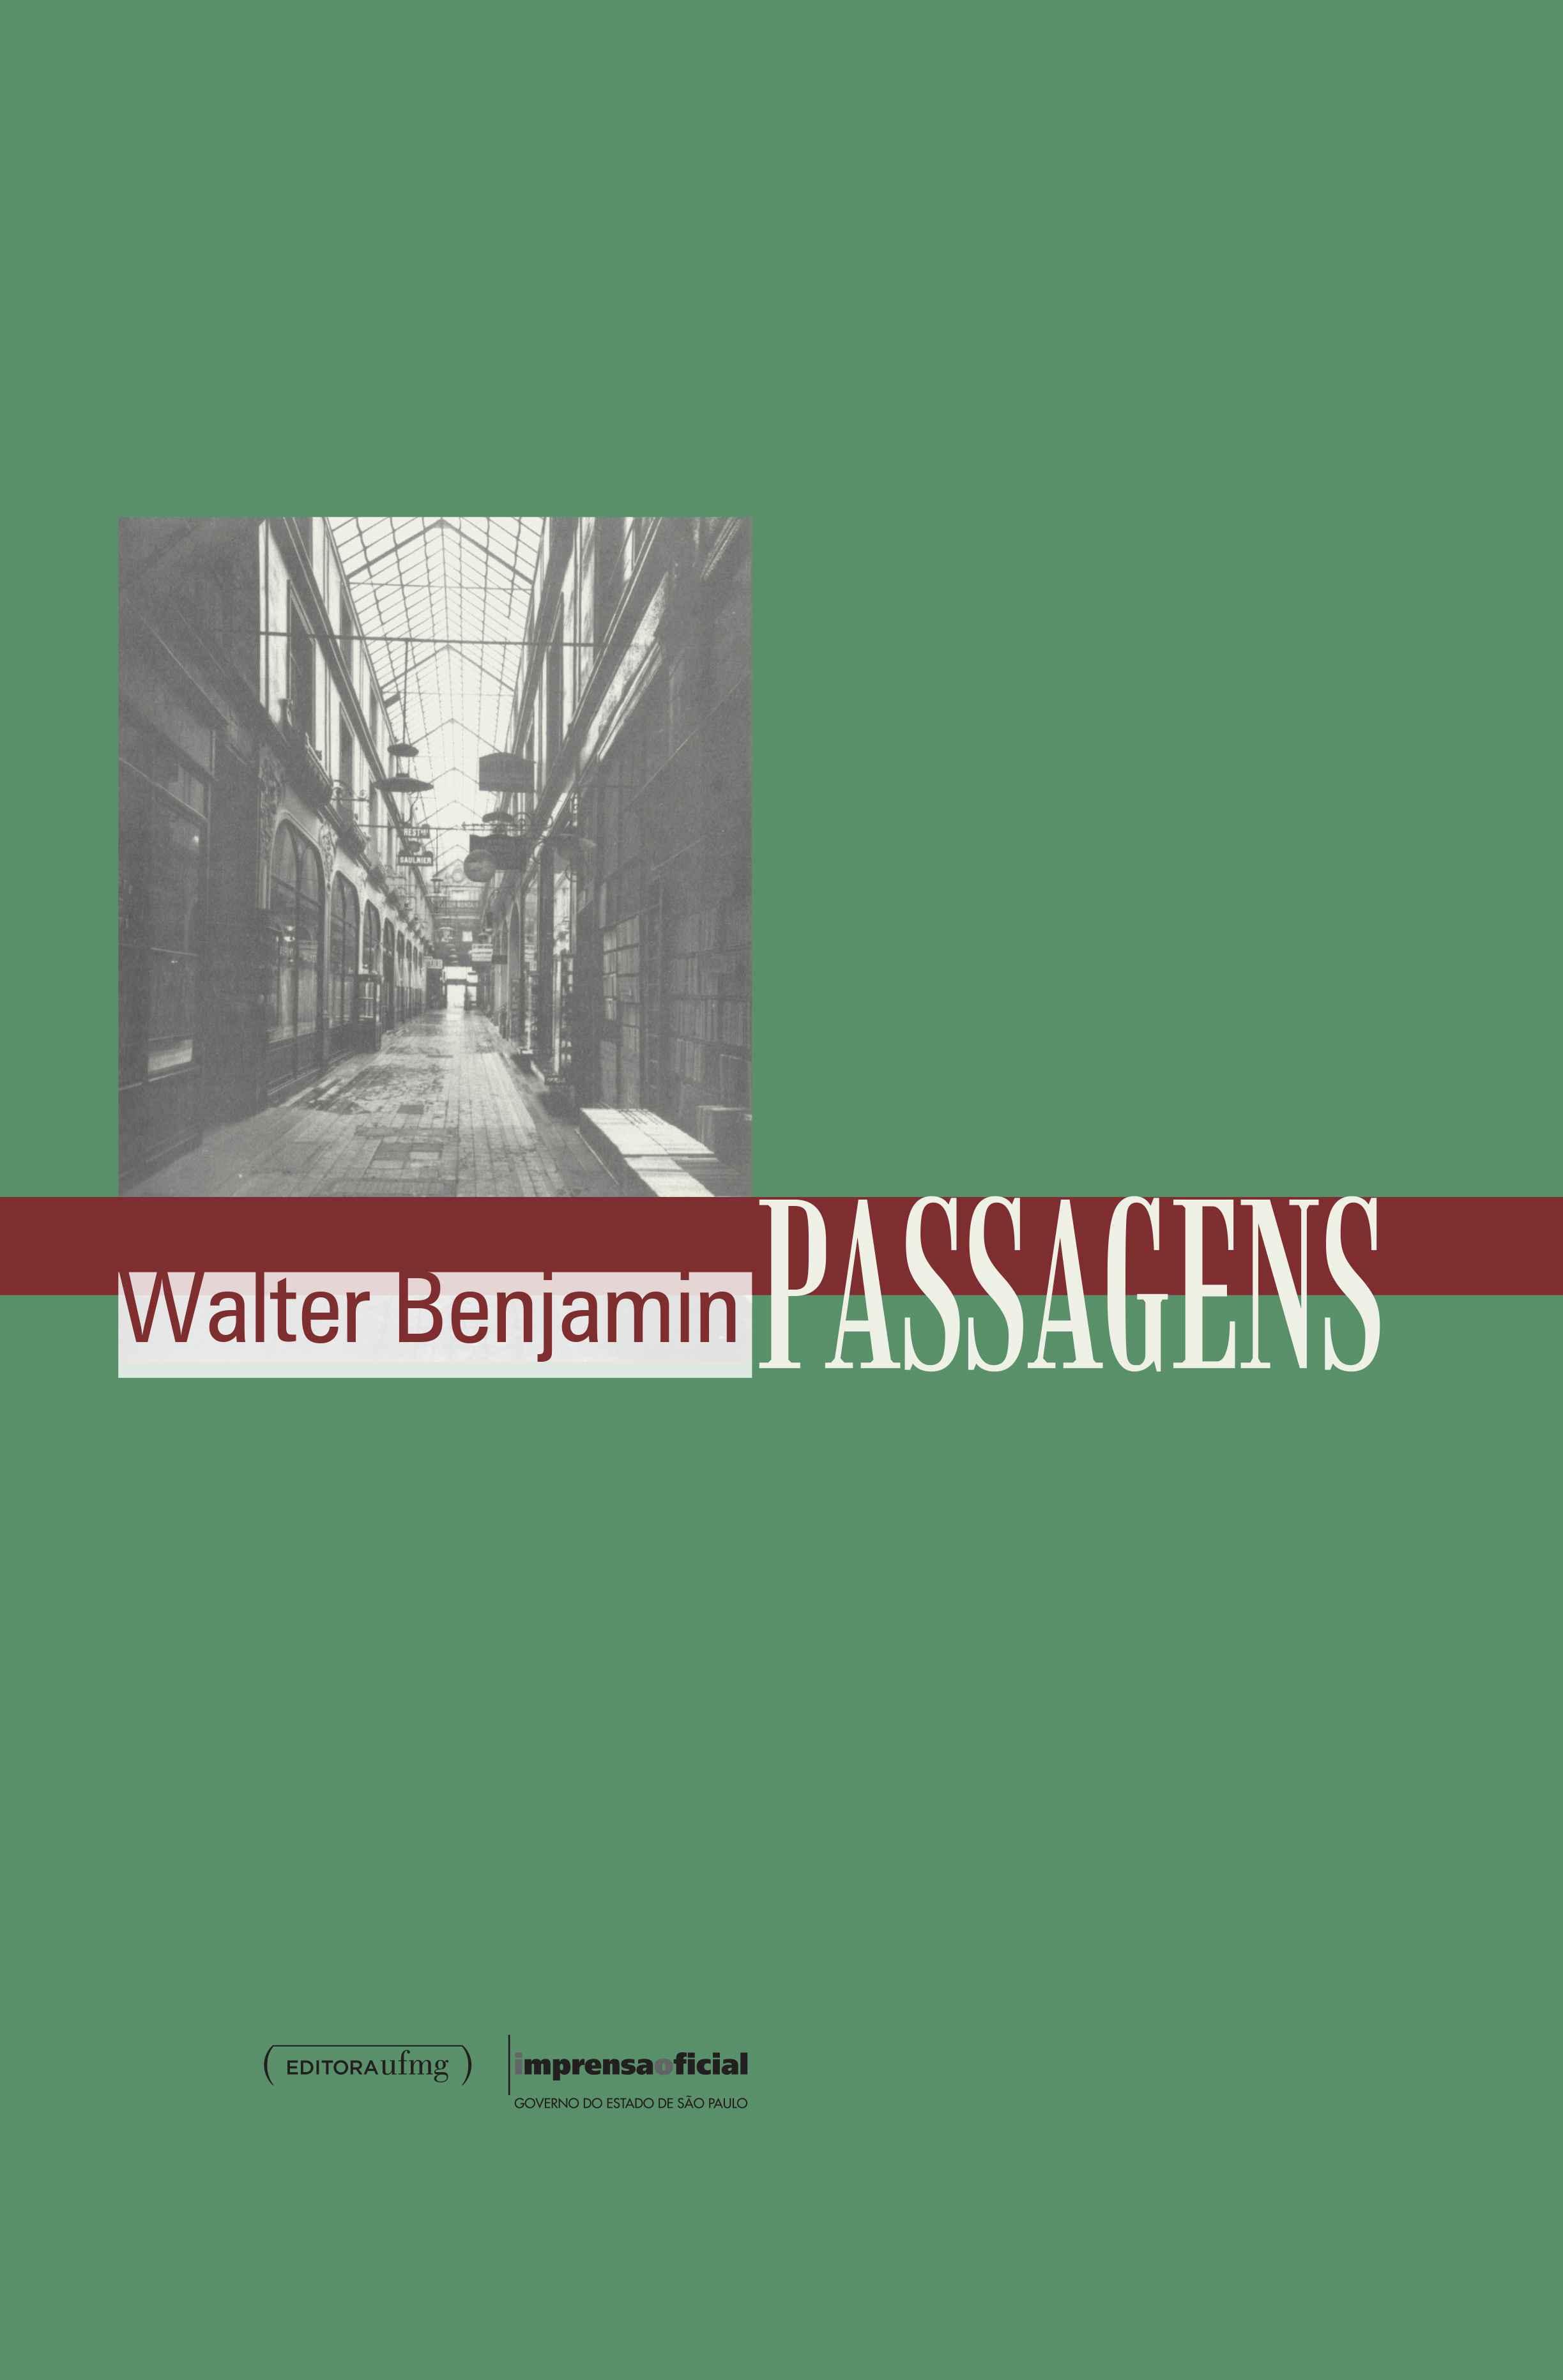 Edição de 2007, em volume único, está de volta às livrarias